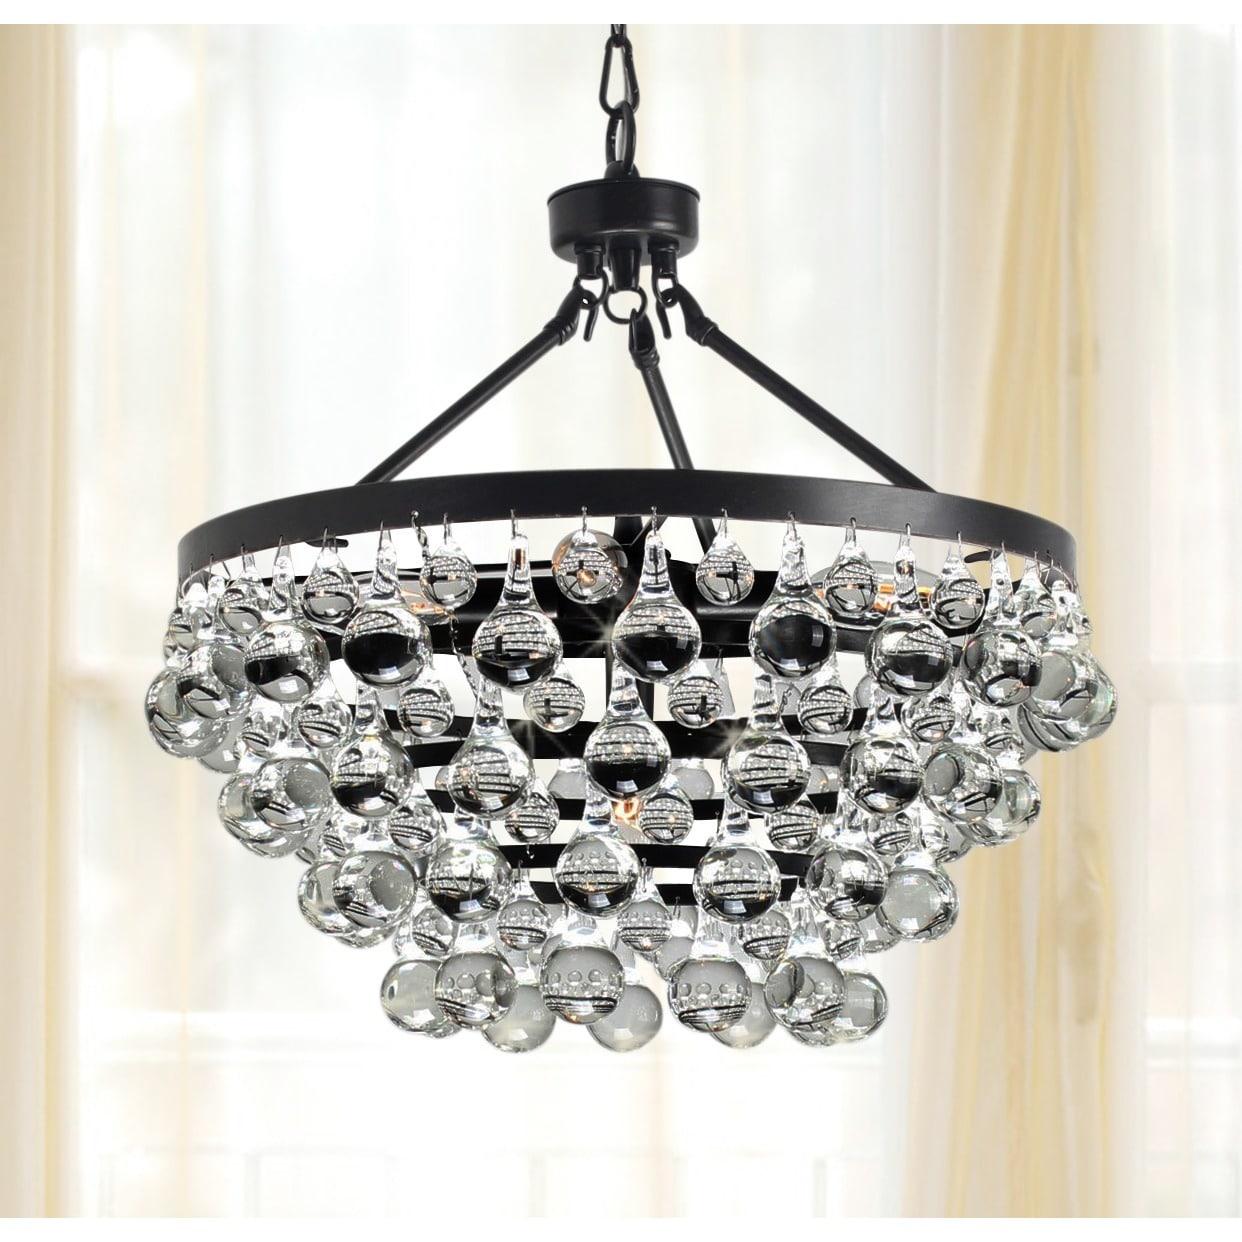 Antique black 5 light crystal drop chandelier free shipping antique black 5 light crystal drop chandelier free shipping today overstock 15300878 arubaitofo Gallery